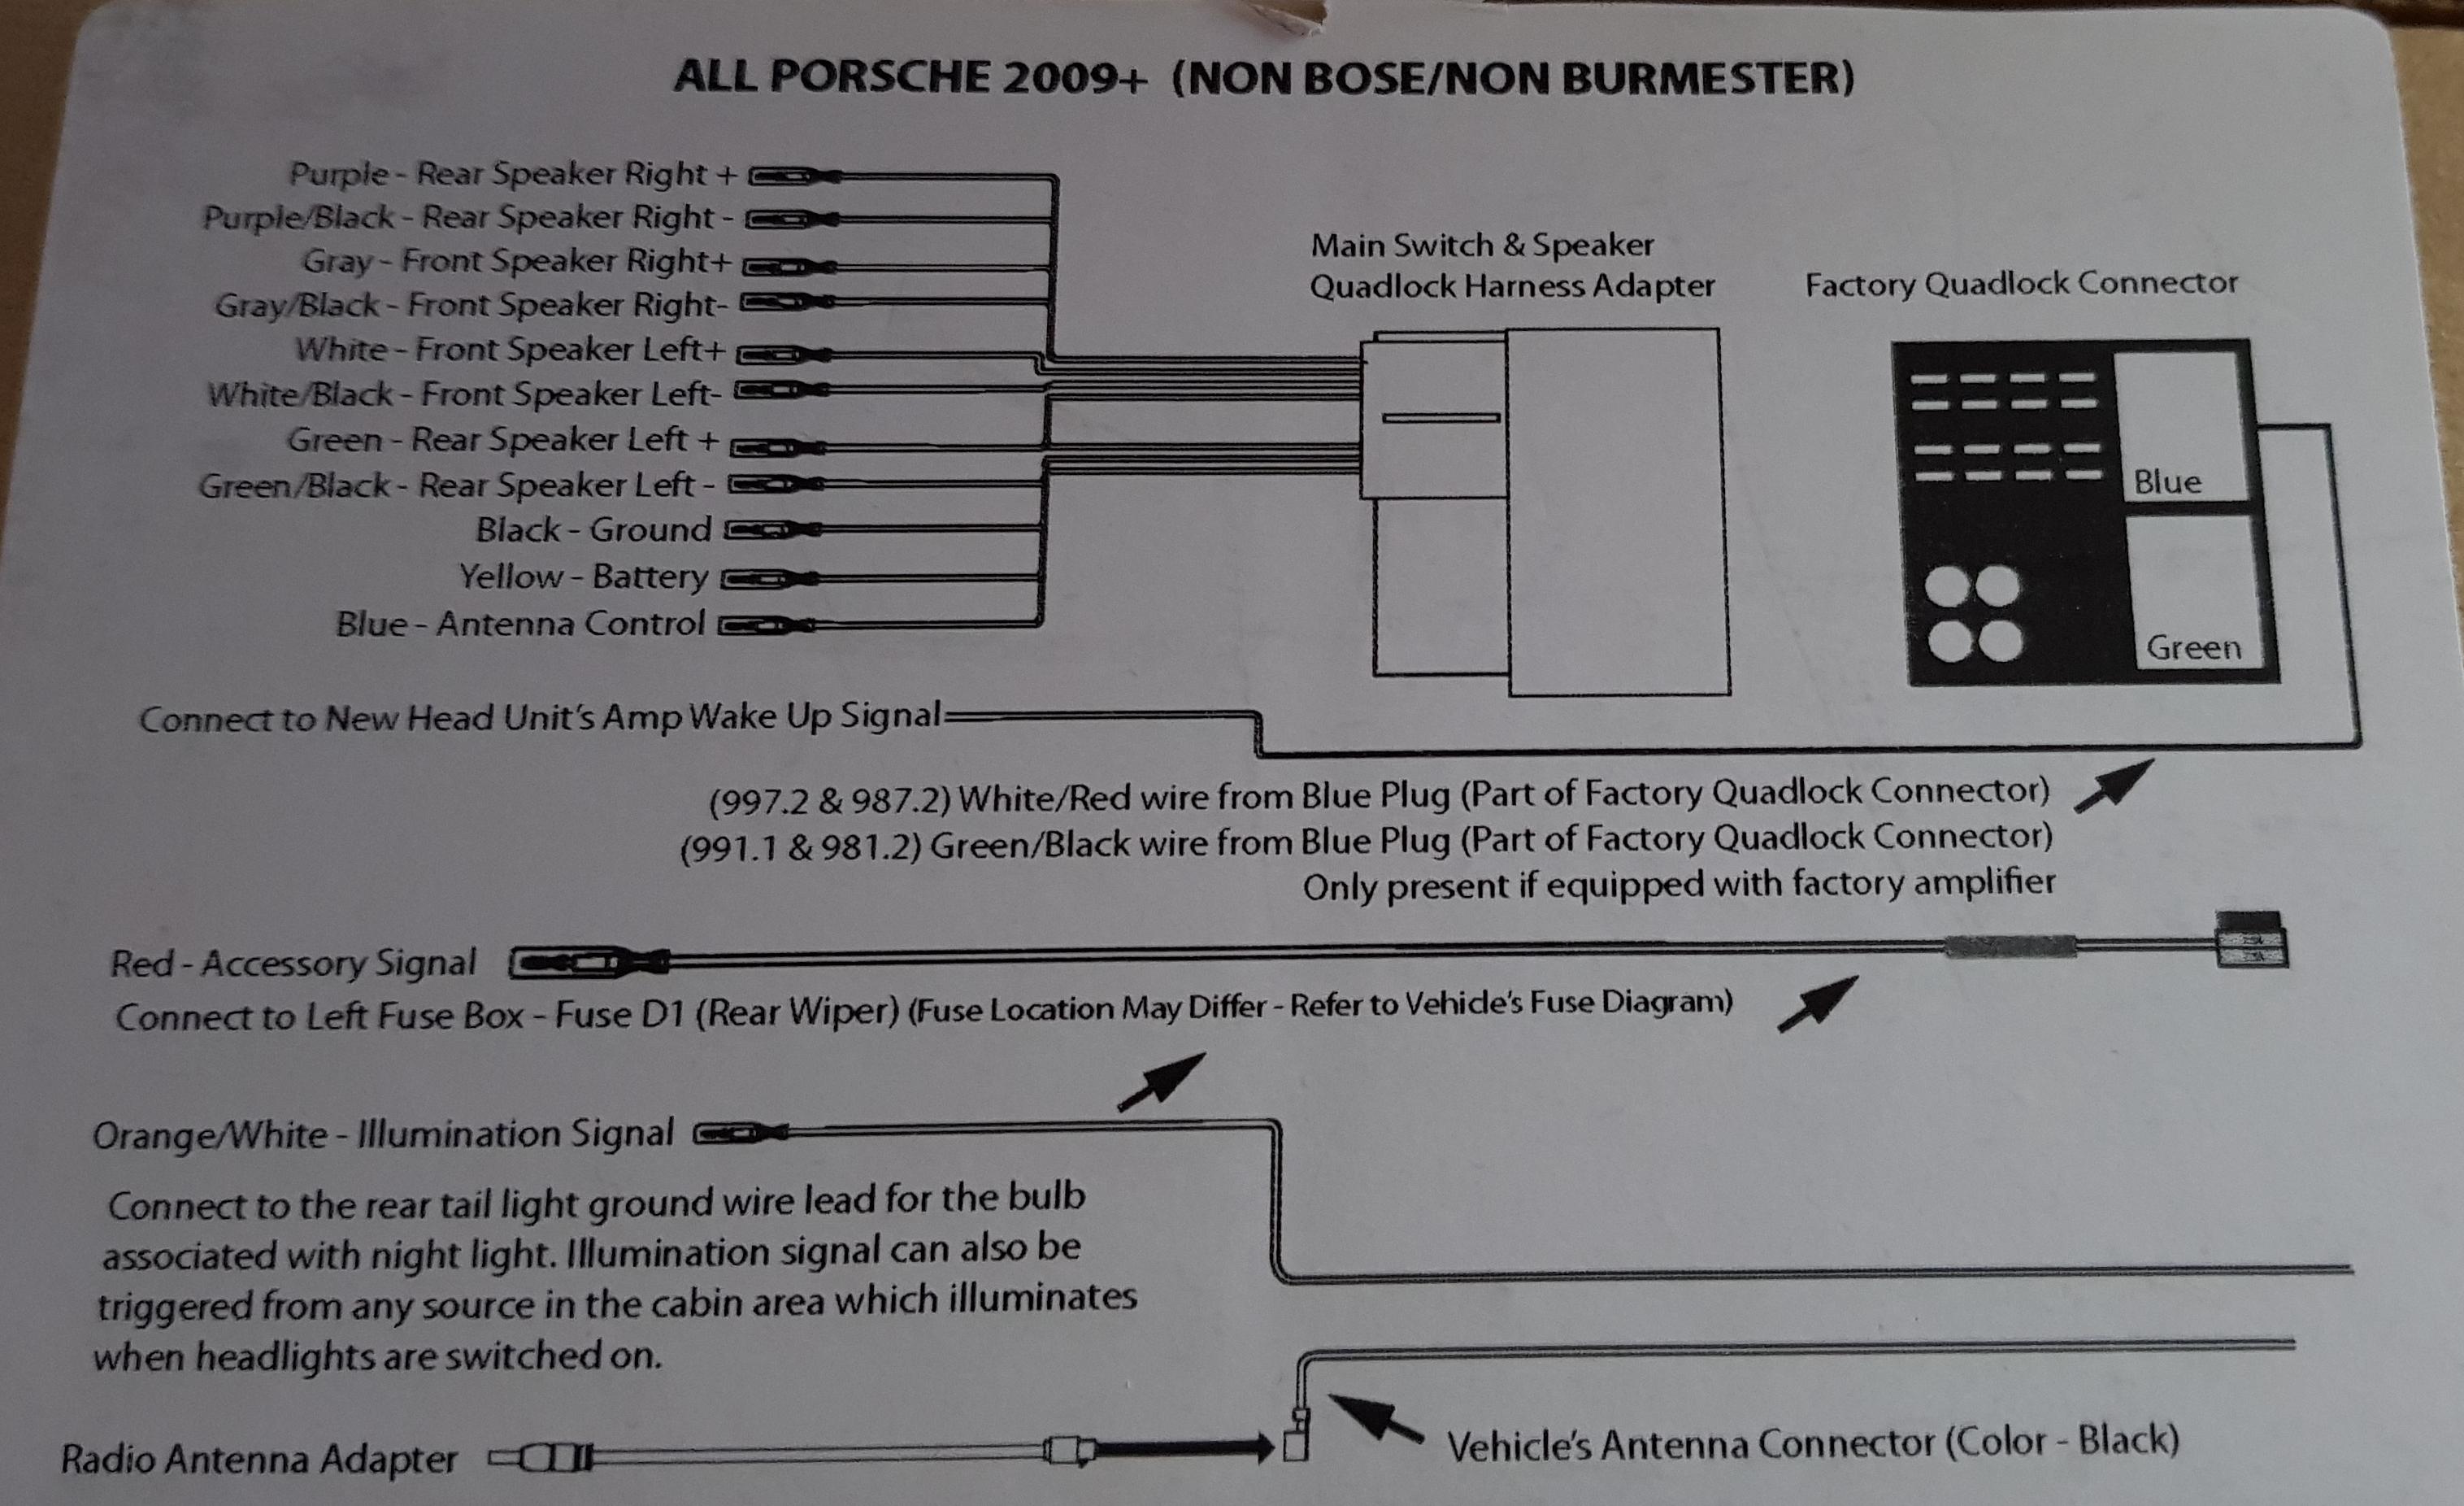 Porsche Cayman Radio Wiring Diagram Free For You Cdr 23 S 1977 911 Schematics